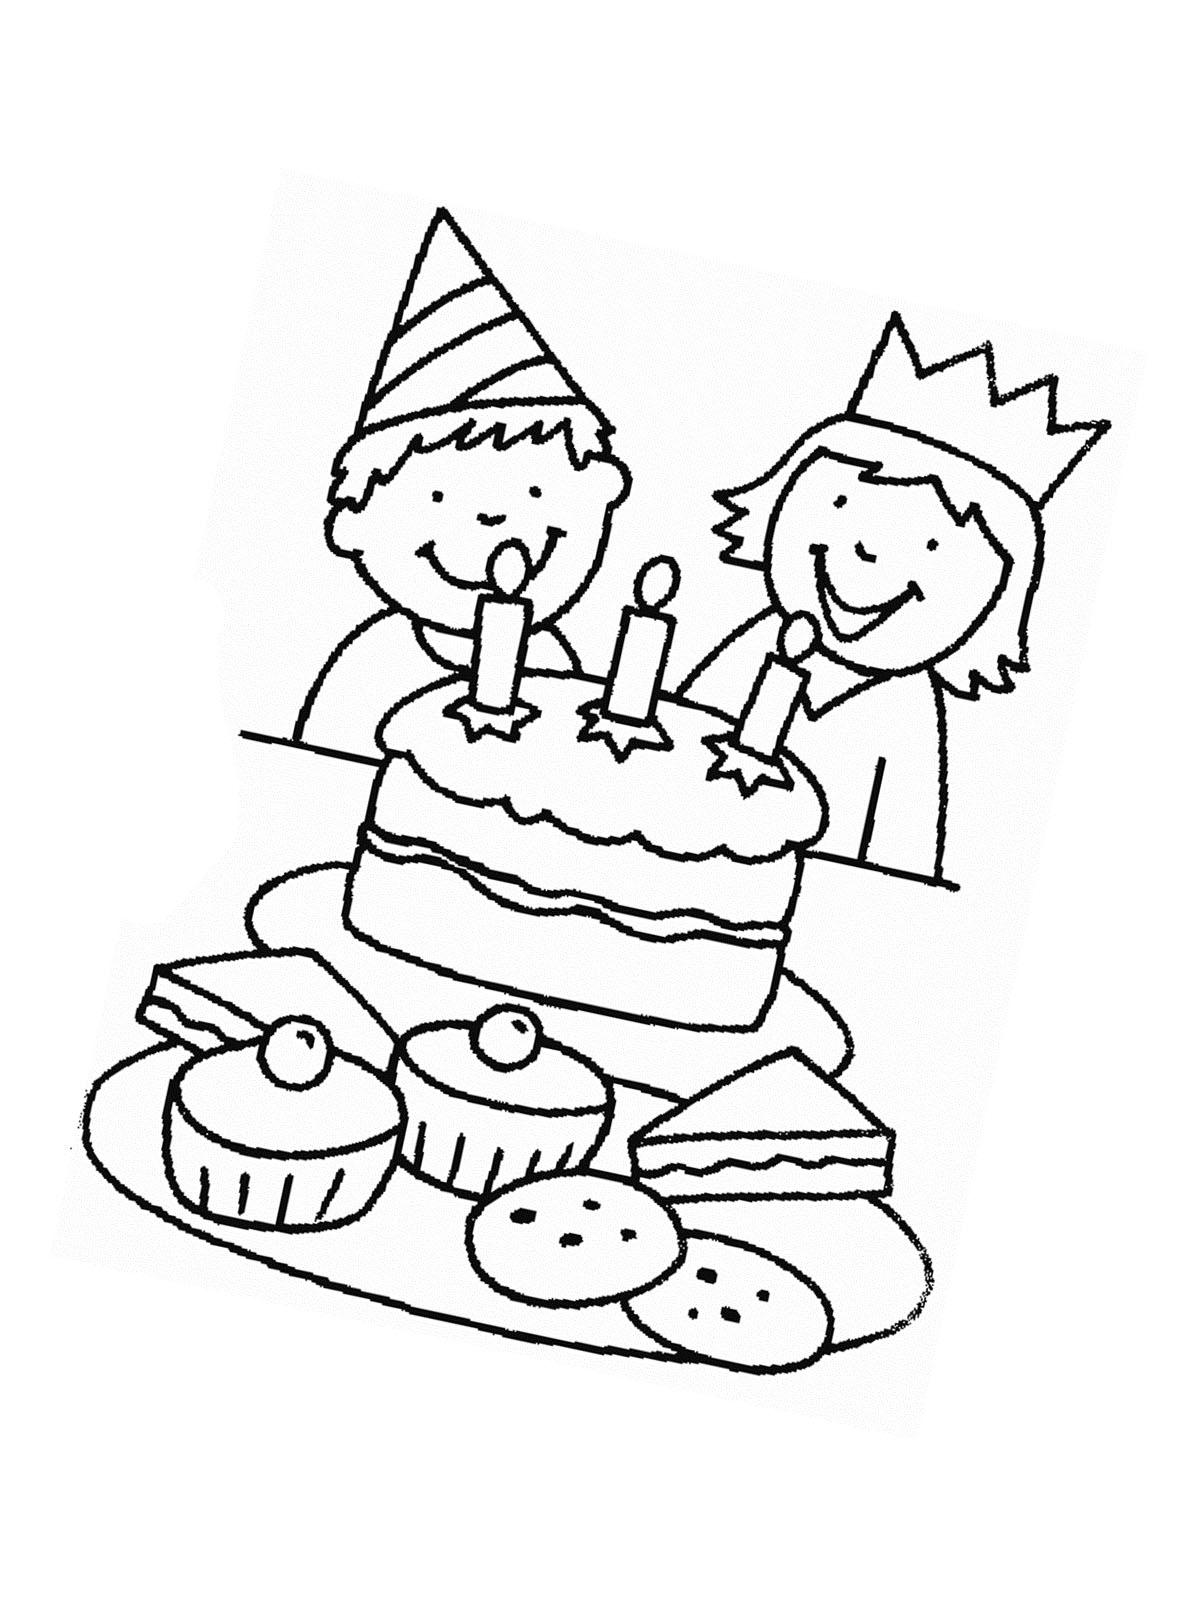 Ausmalbilder Geburtstag : Ausmalbilder Geburtstag Und Party Kostenlose Malvorlagen